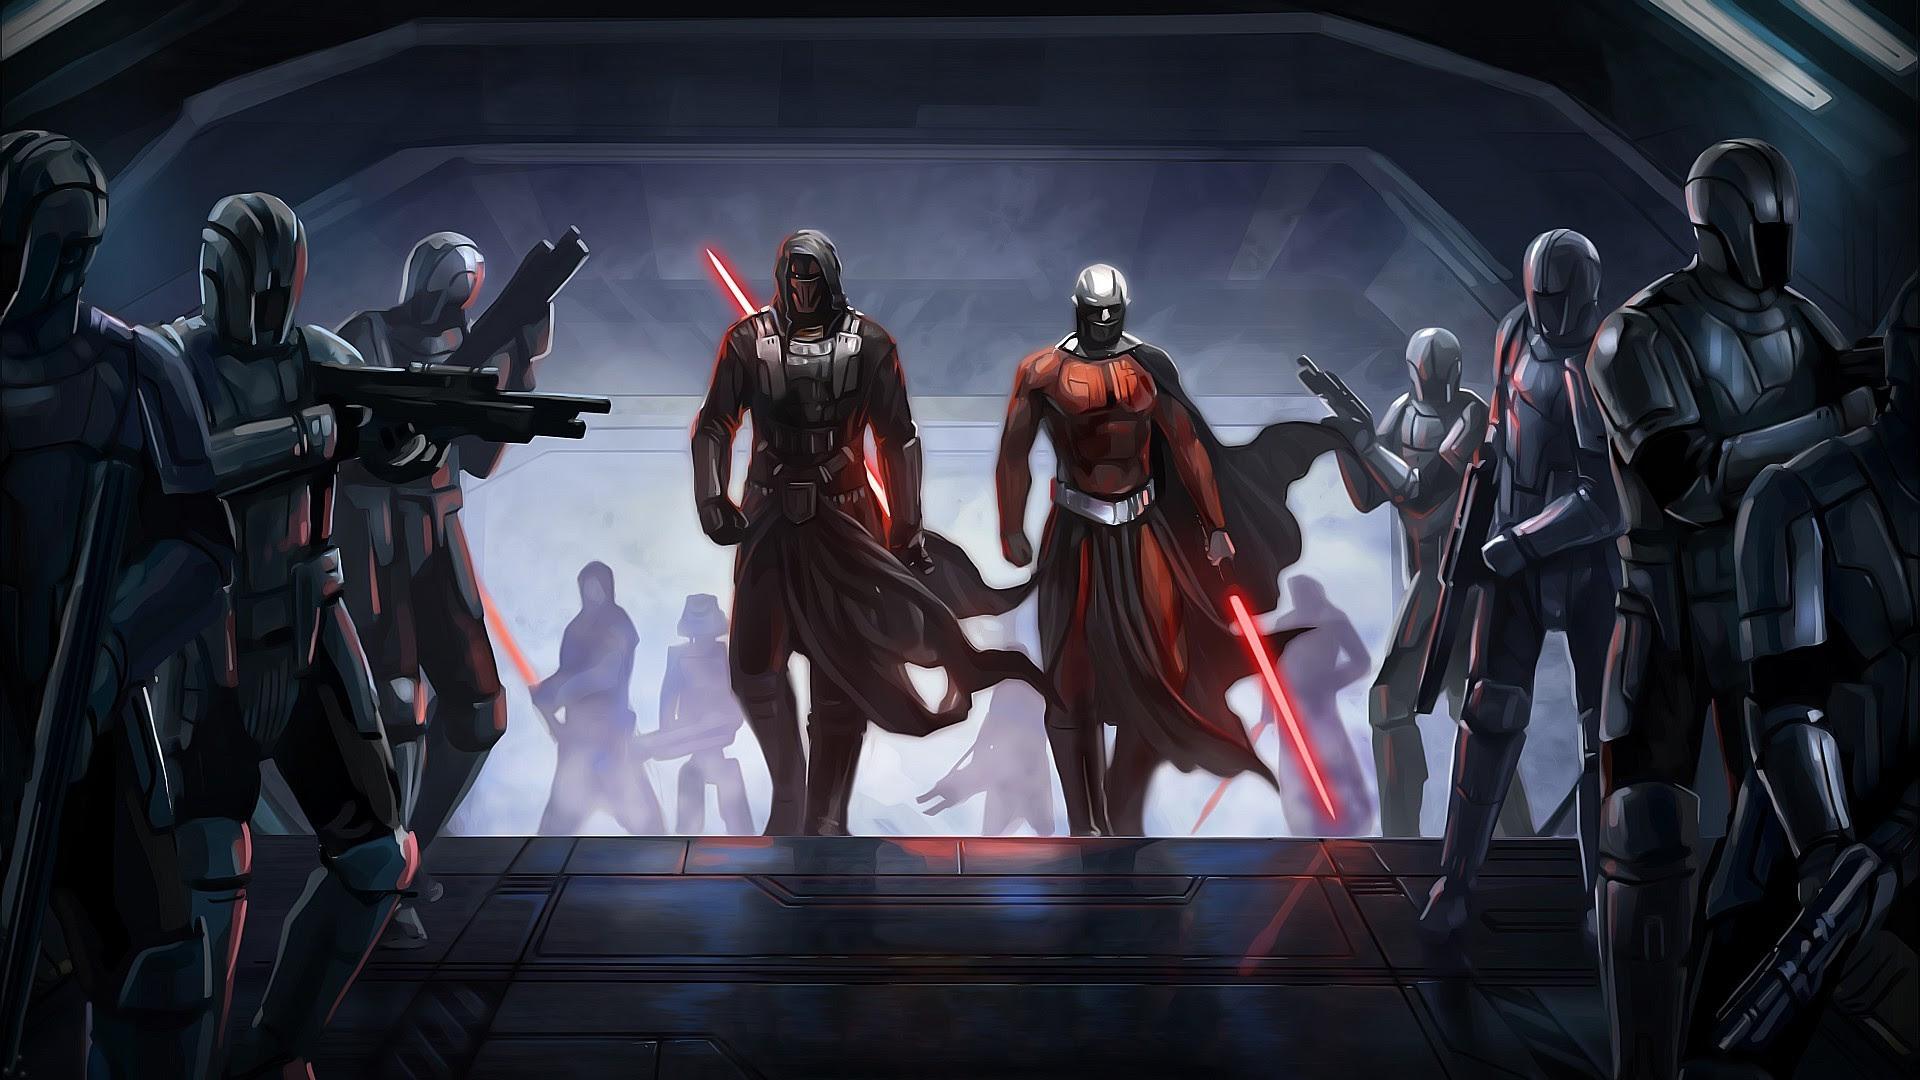 Star Wars Wallpaper 1920x1080 43419